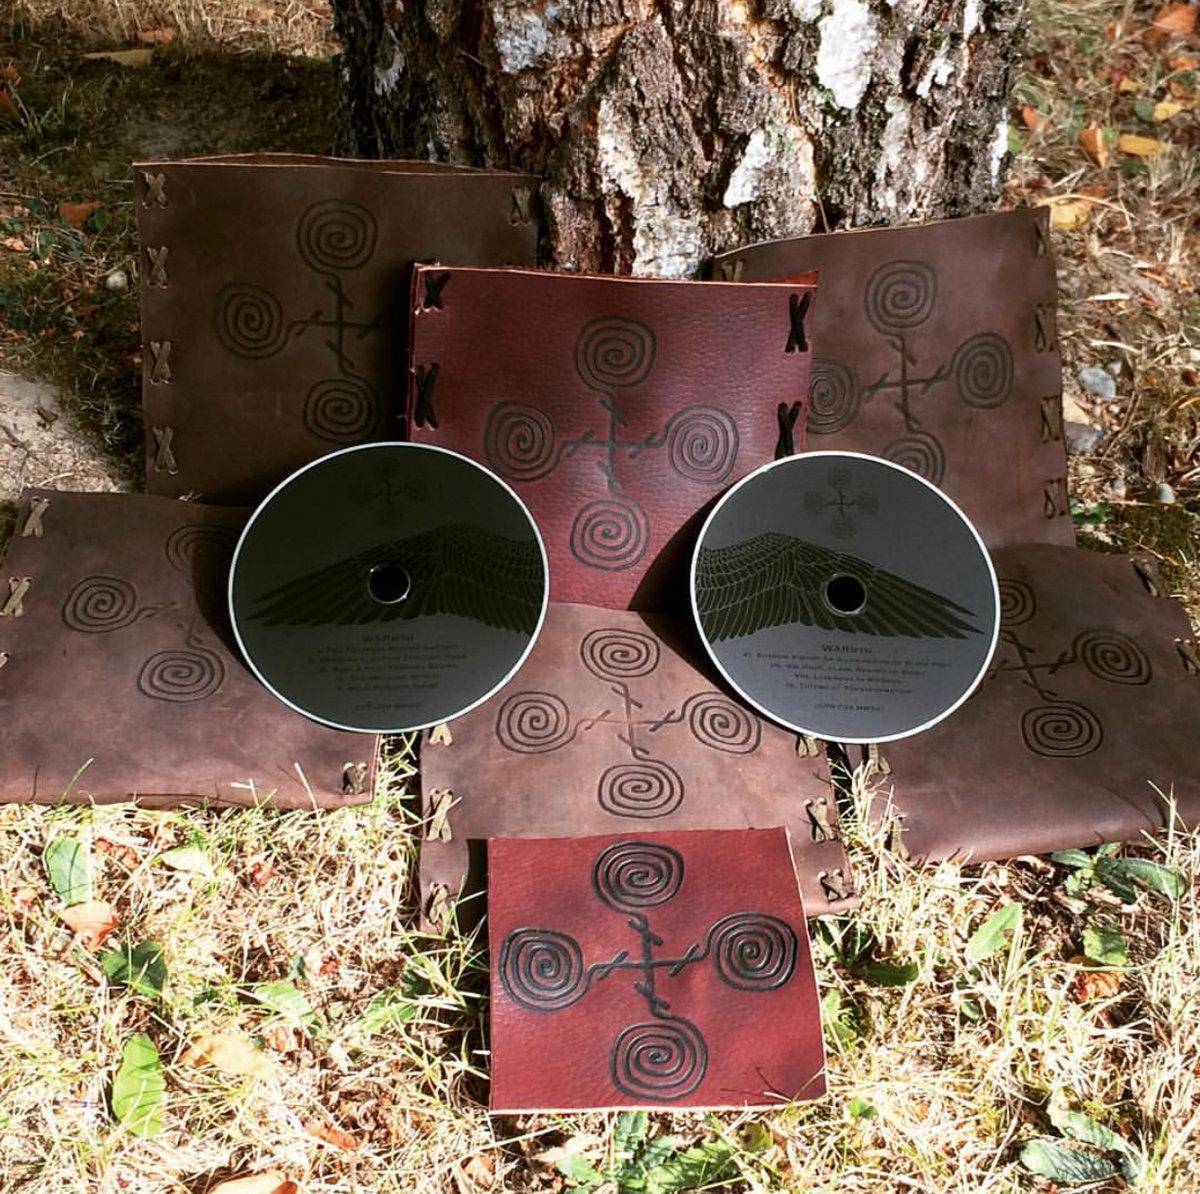 Купить glasses на юле в шахты заказать dji goggles для селфидрона в подольск